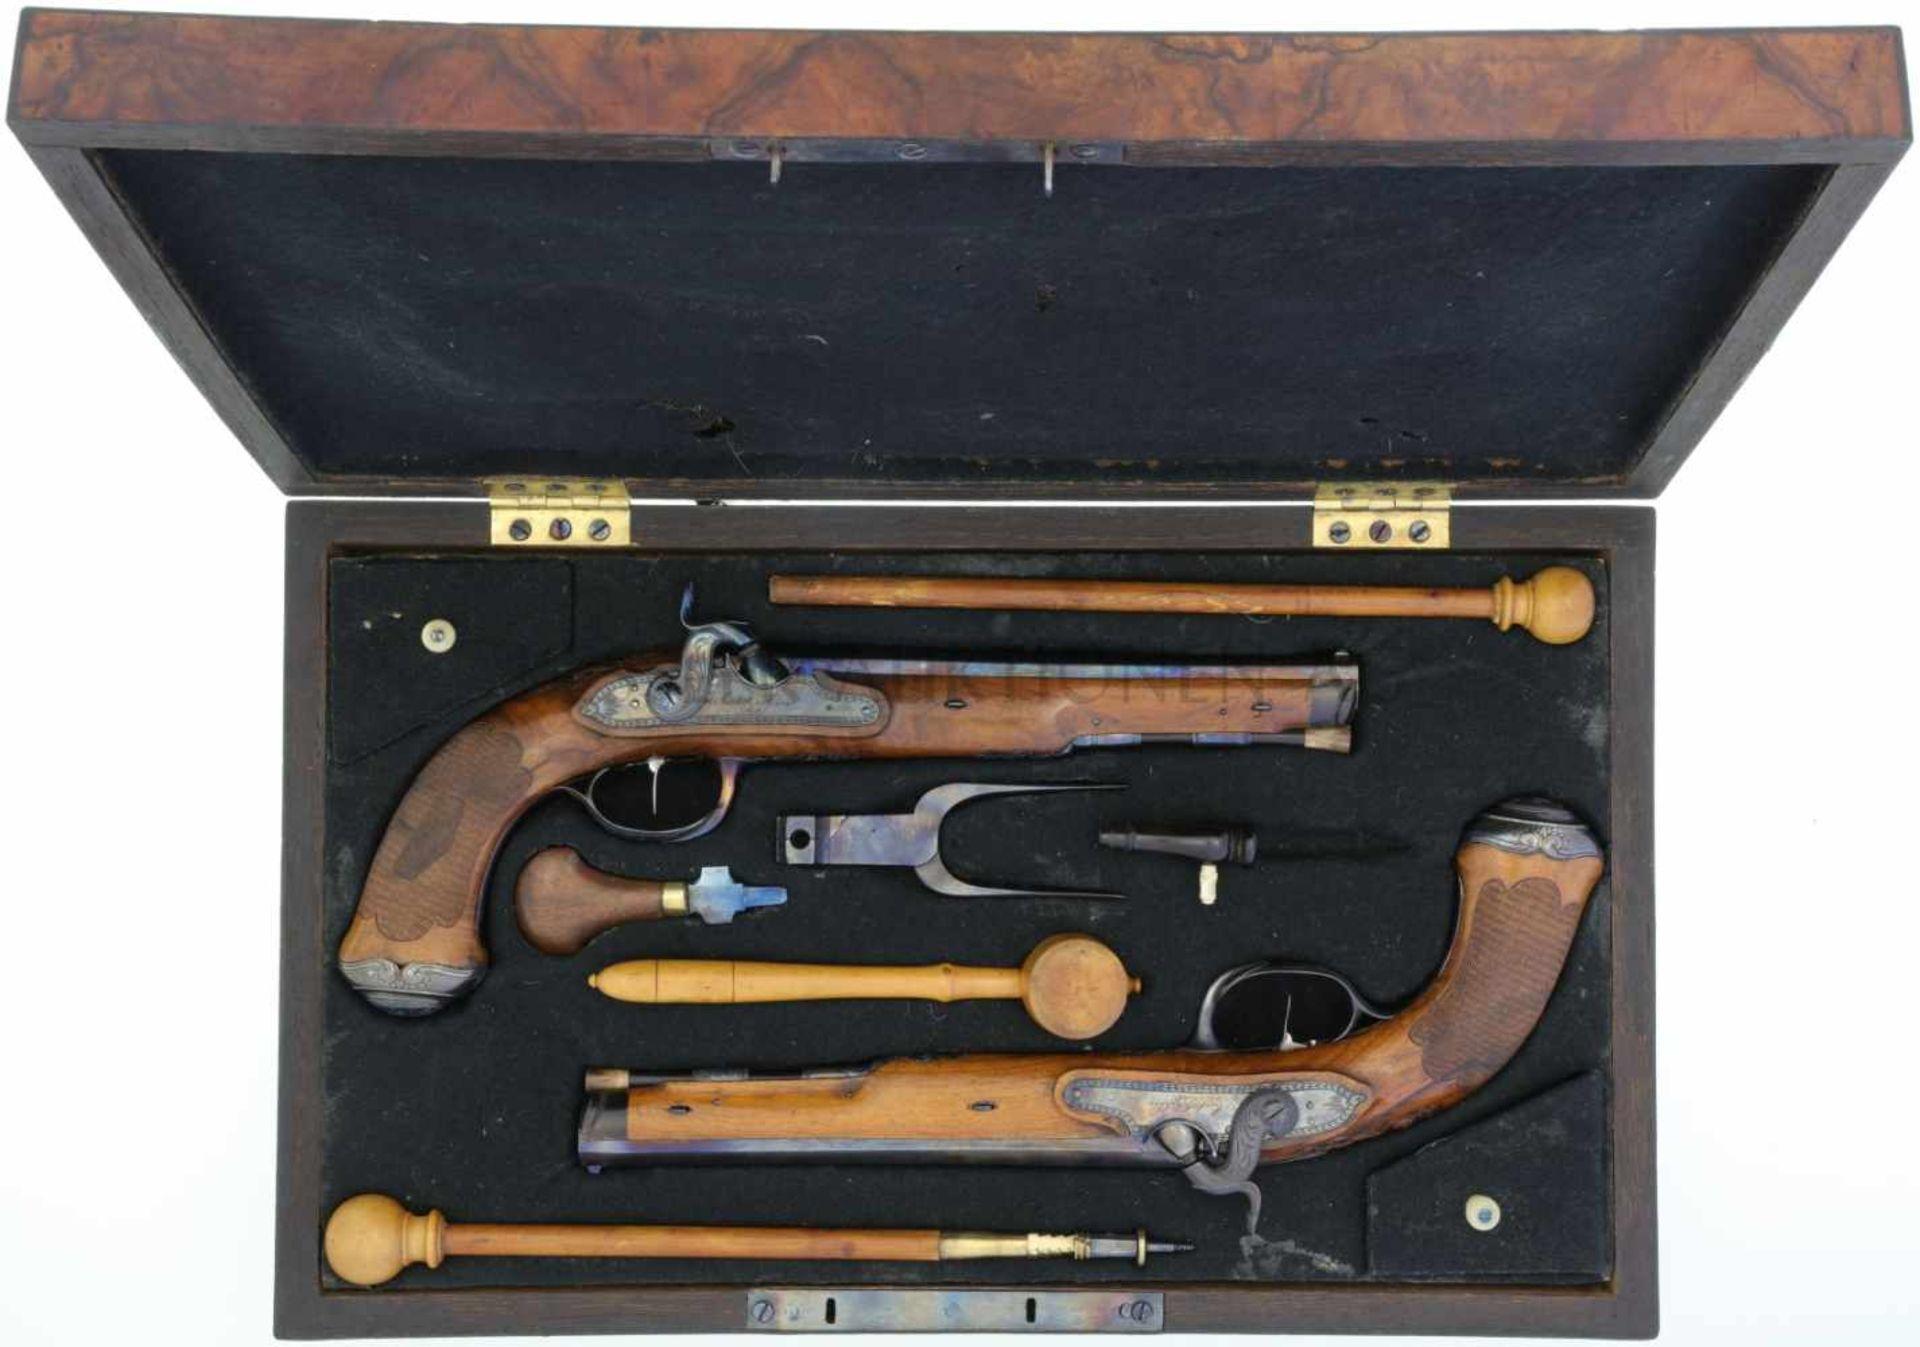 Perkussionspistolenpaar, Anschütz & Söhne, Suhl, Kal. 12,5mm LL 225mm, TL 380mm, gebläuter gezogener